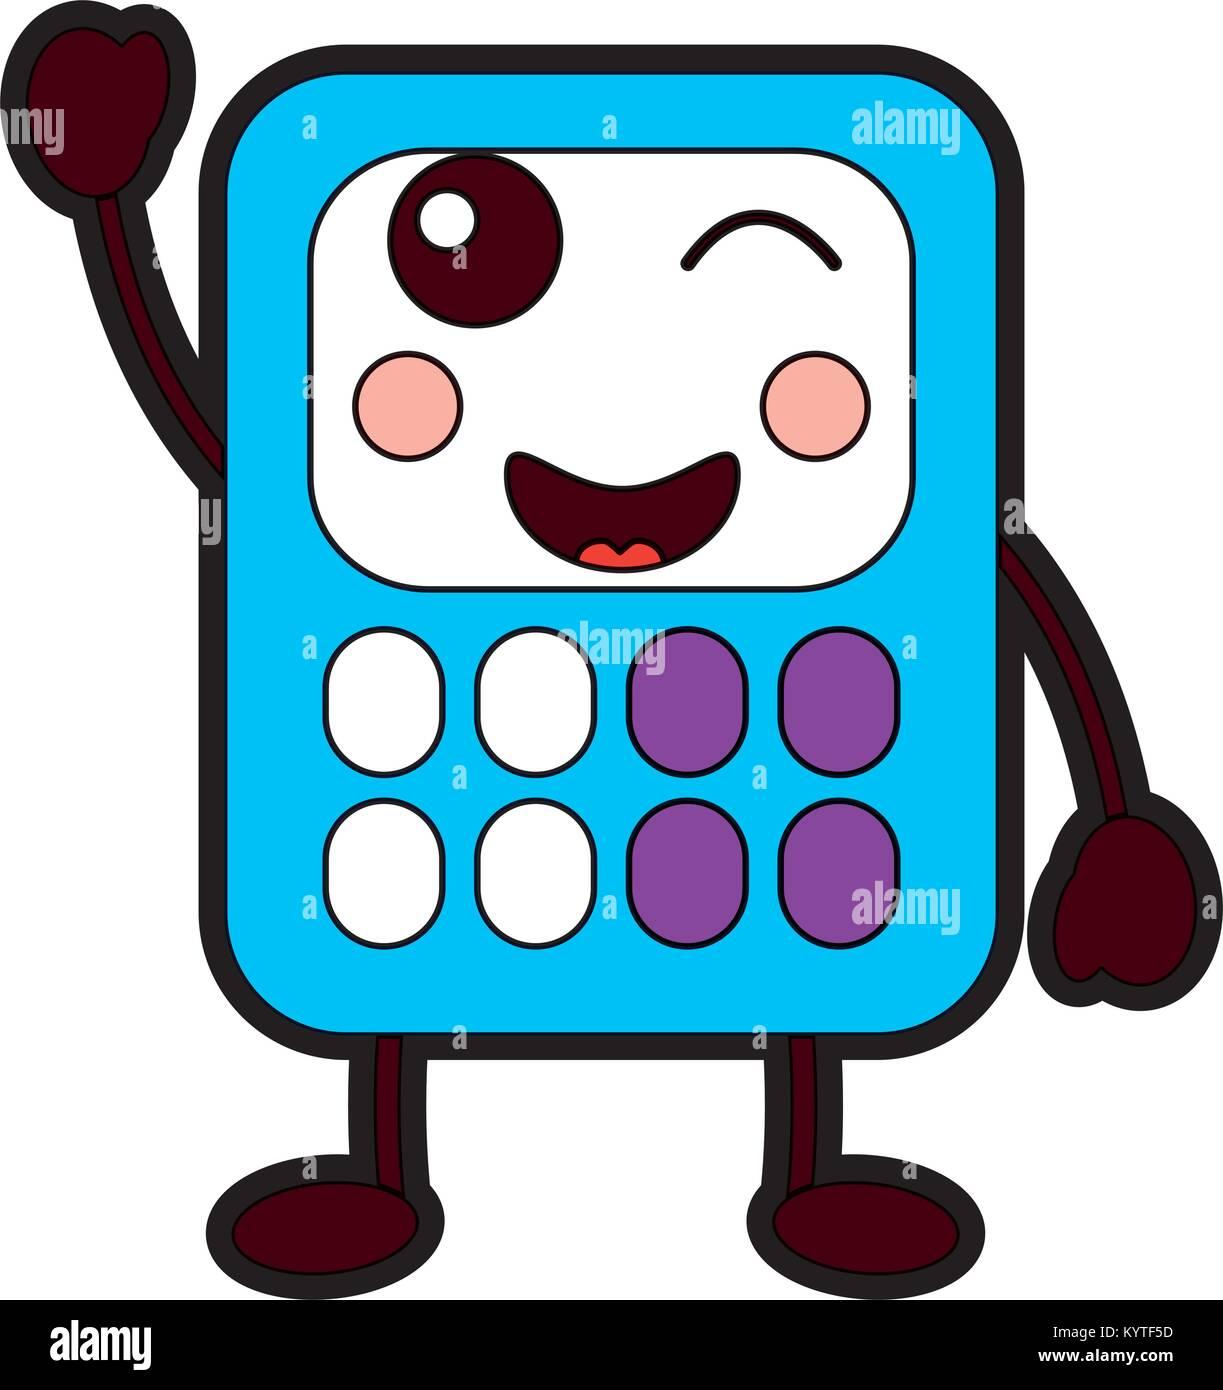 Taschenrechner Mathematik Kawaii Charakter Cartoon Vektor Abbildung